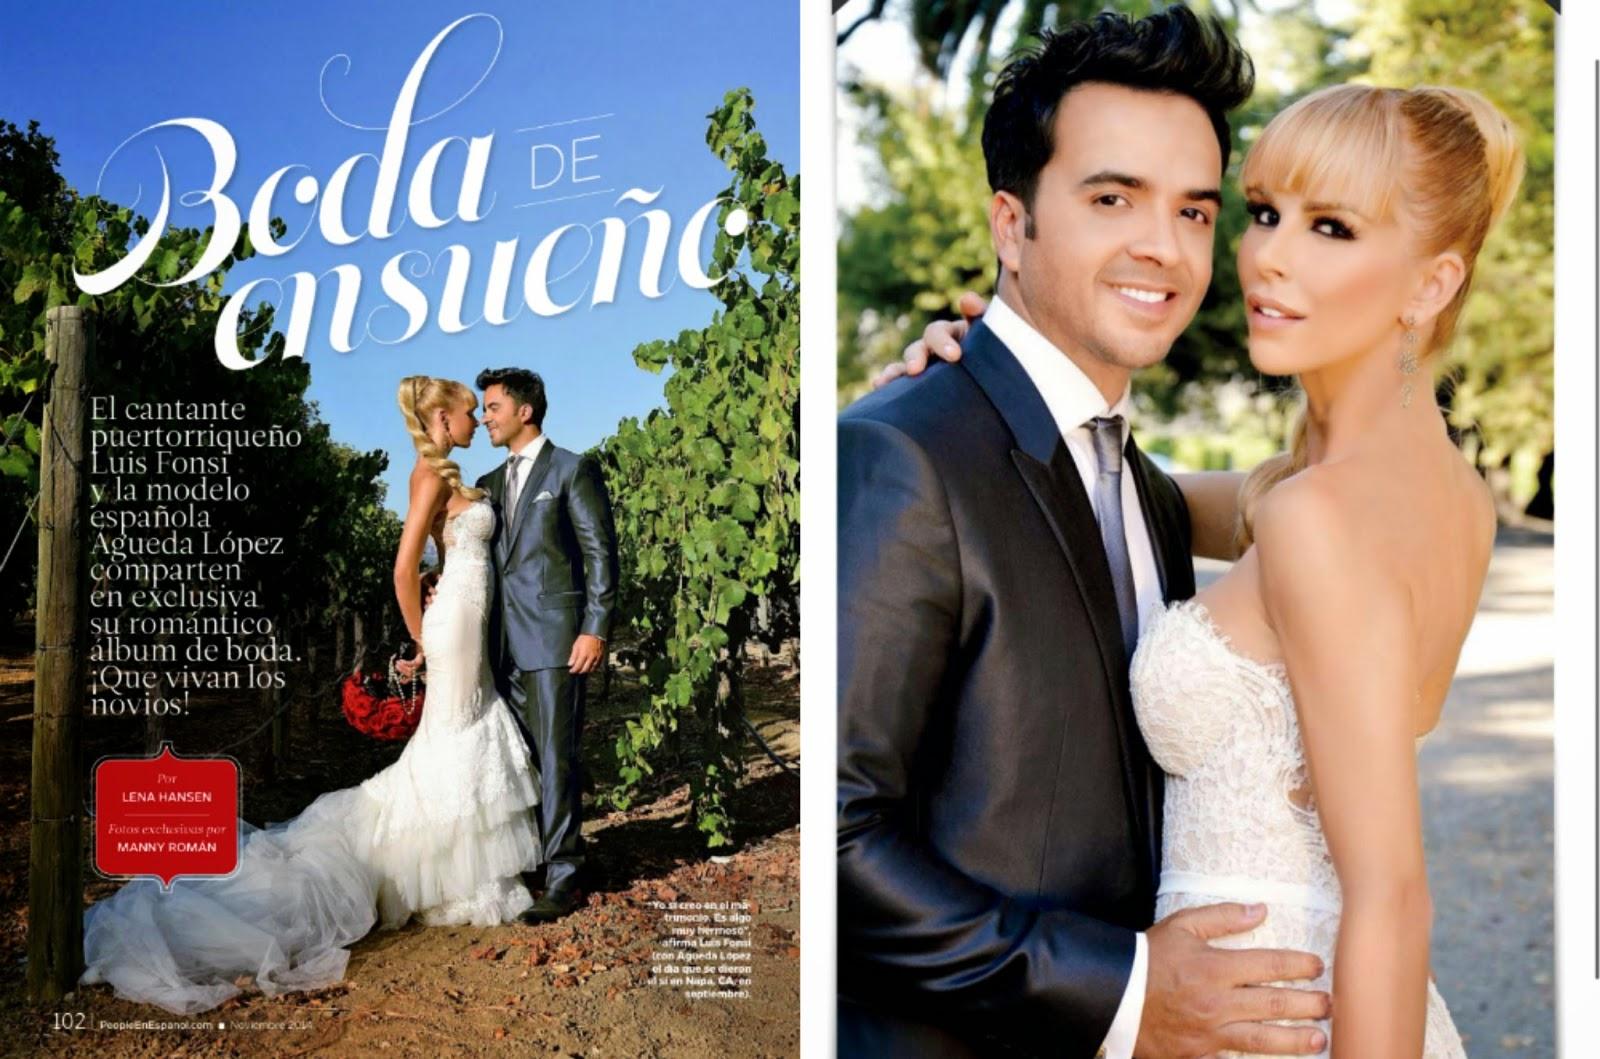 Luis fonsi wedding